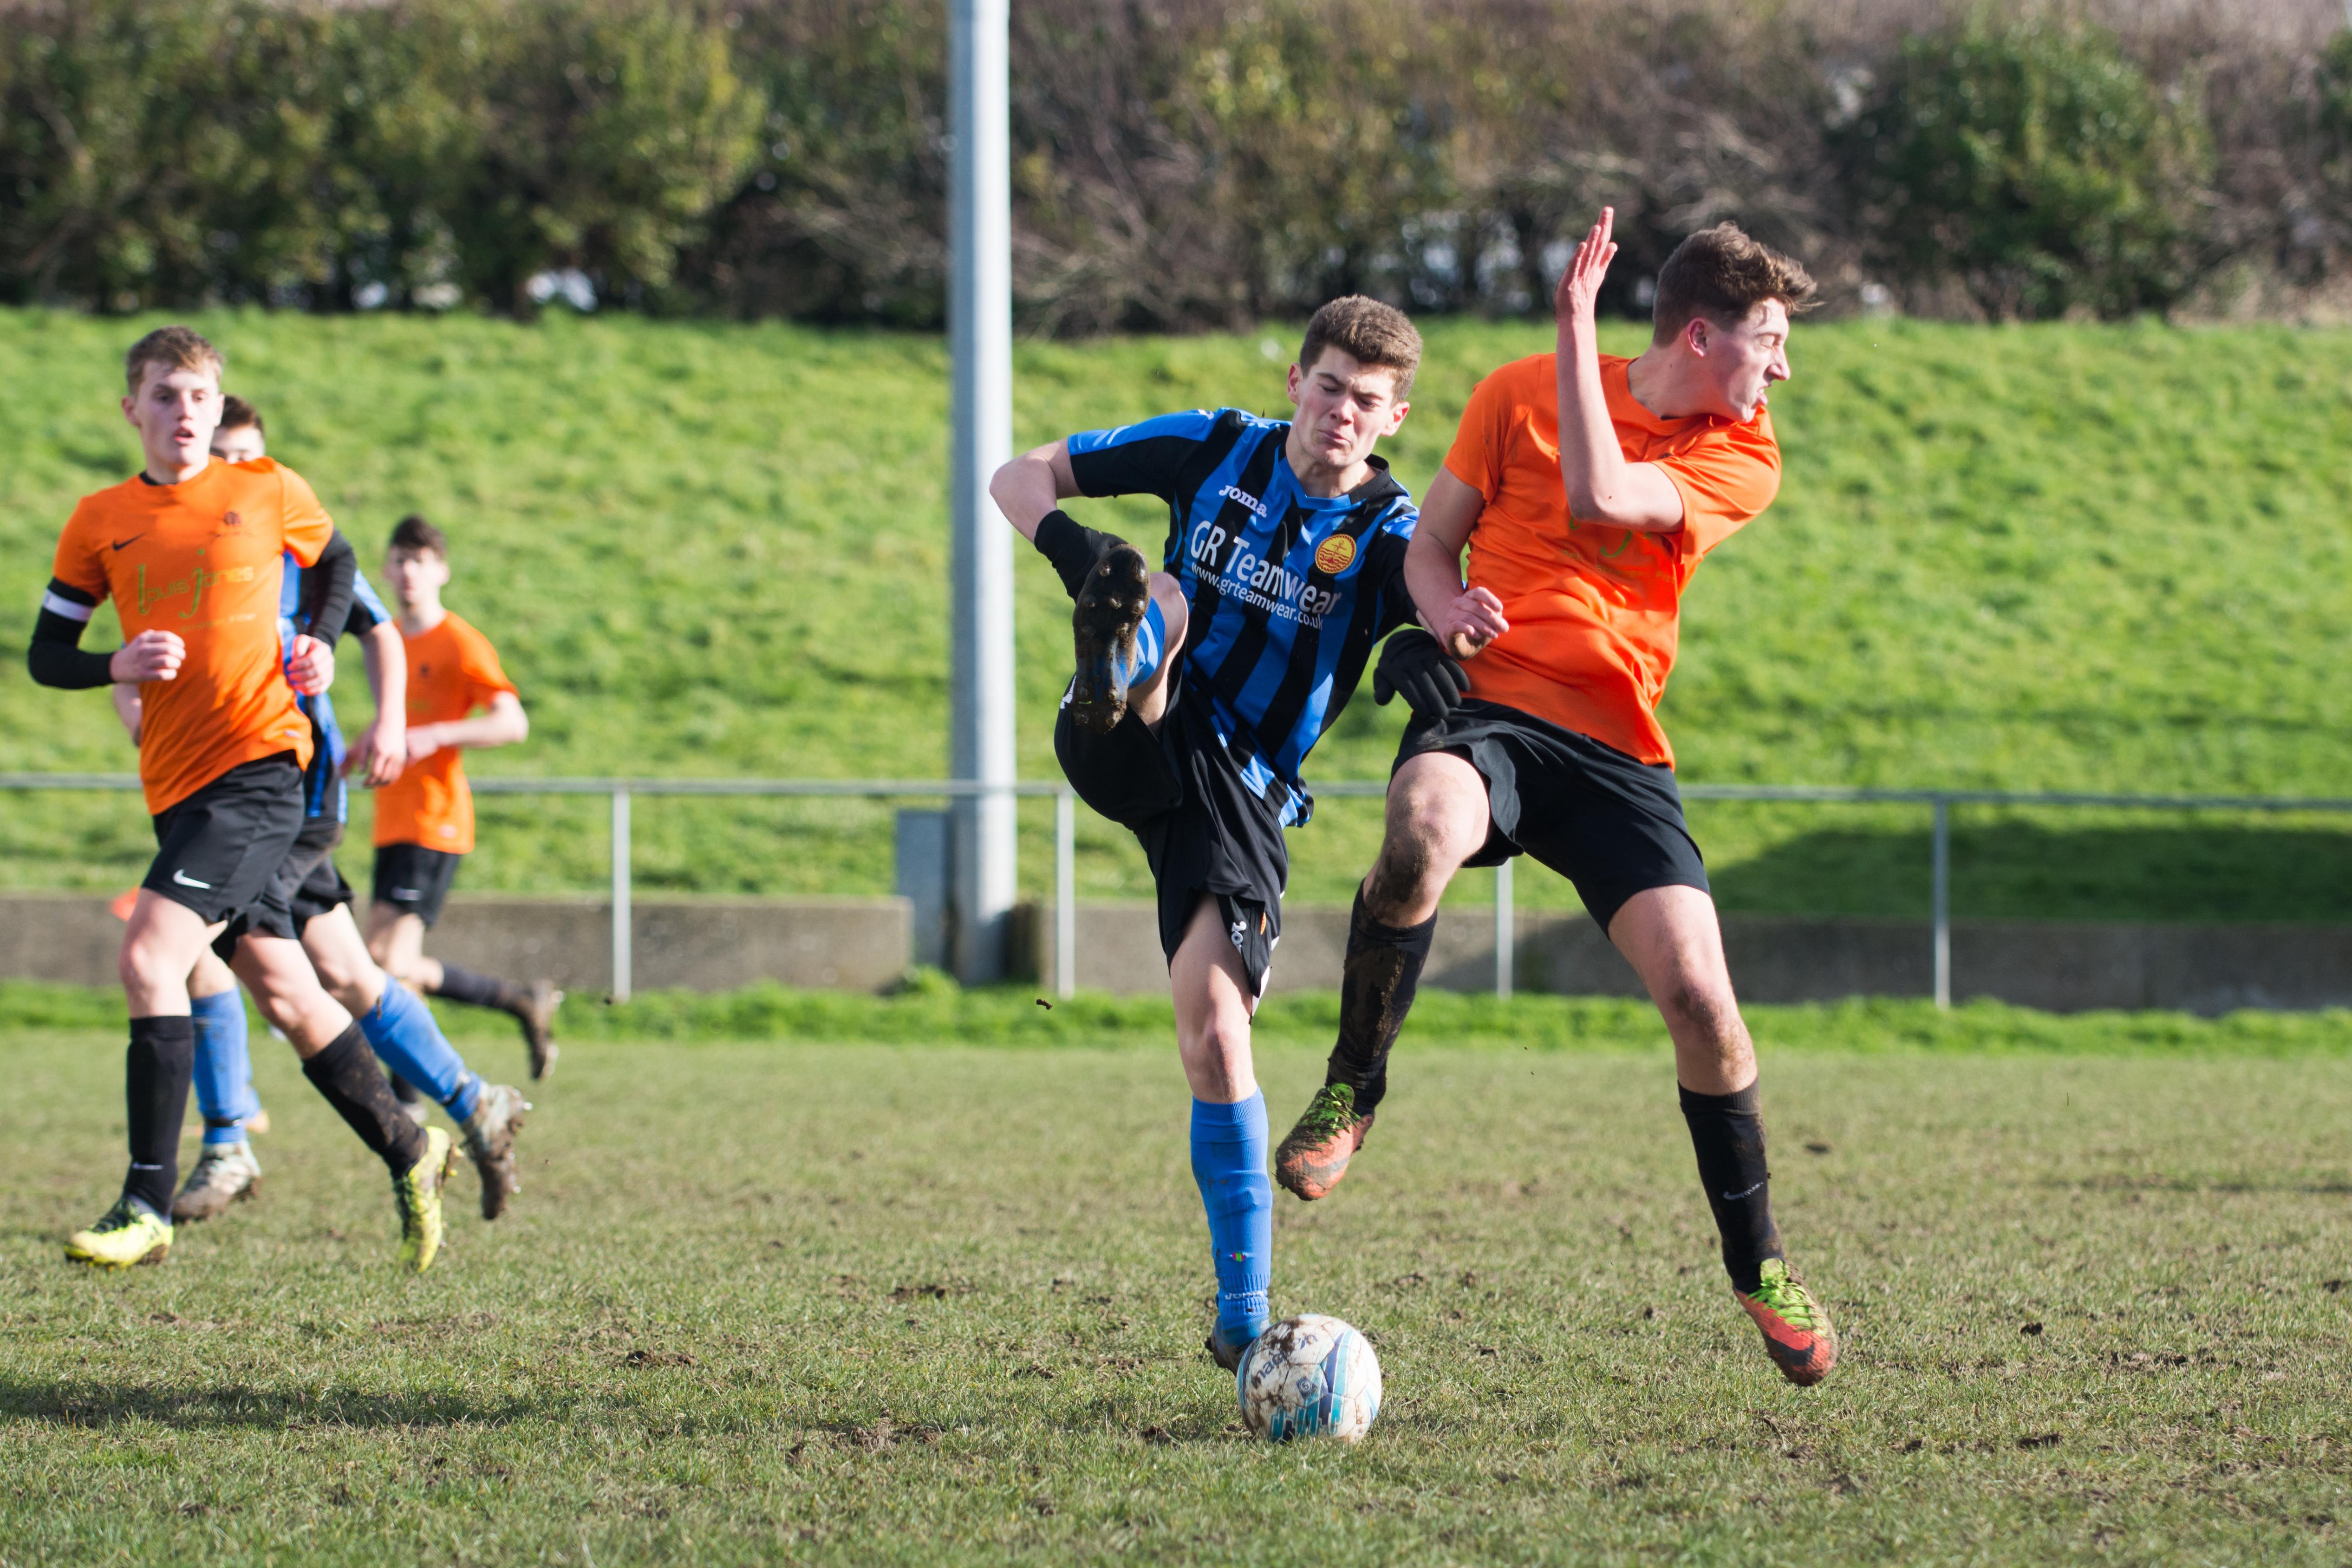 Mile Oak FC U18s vs Newhaven FC U18s 04.02.18 22